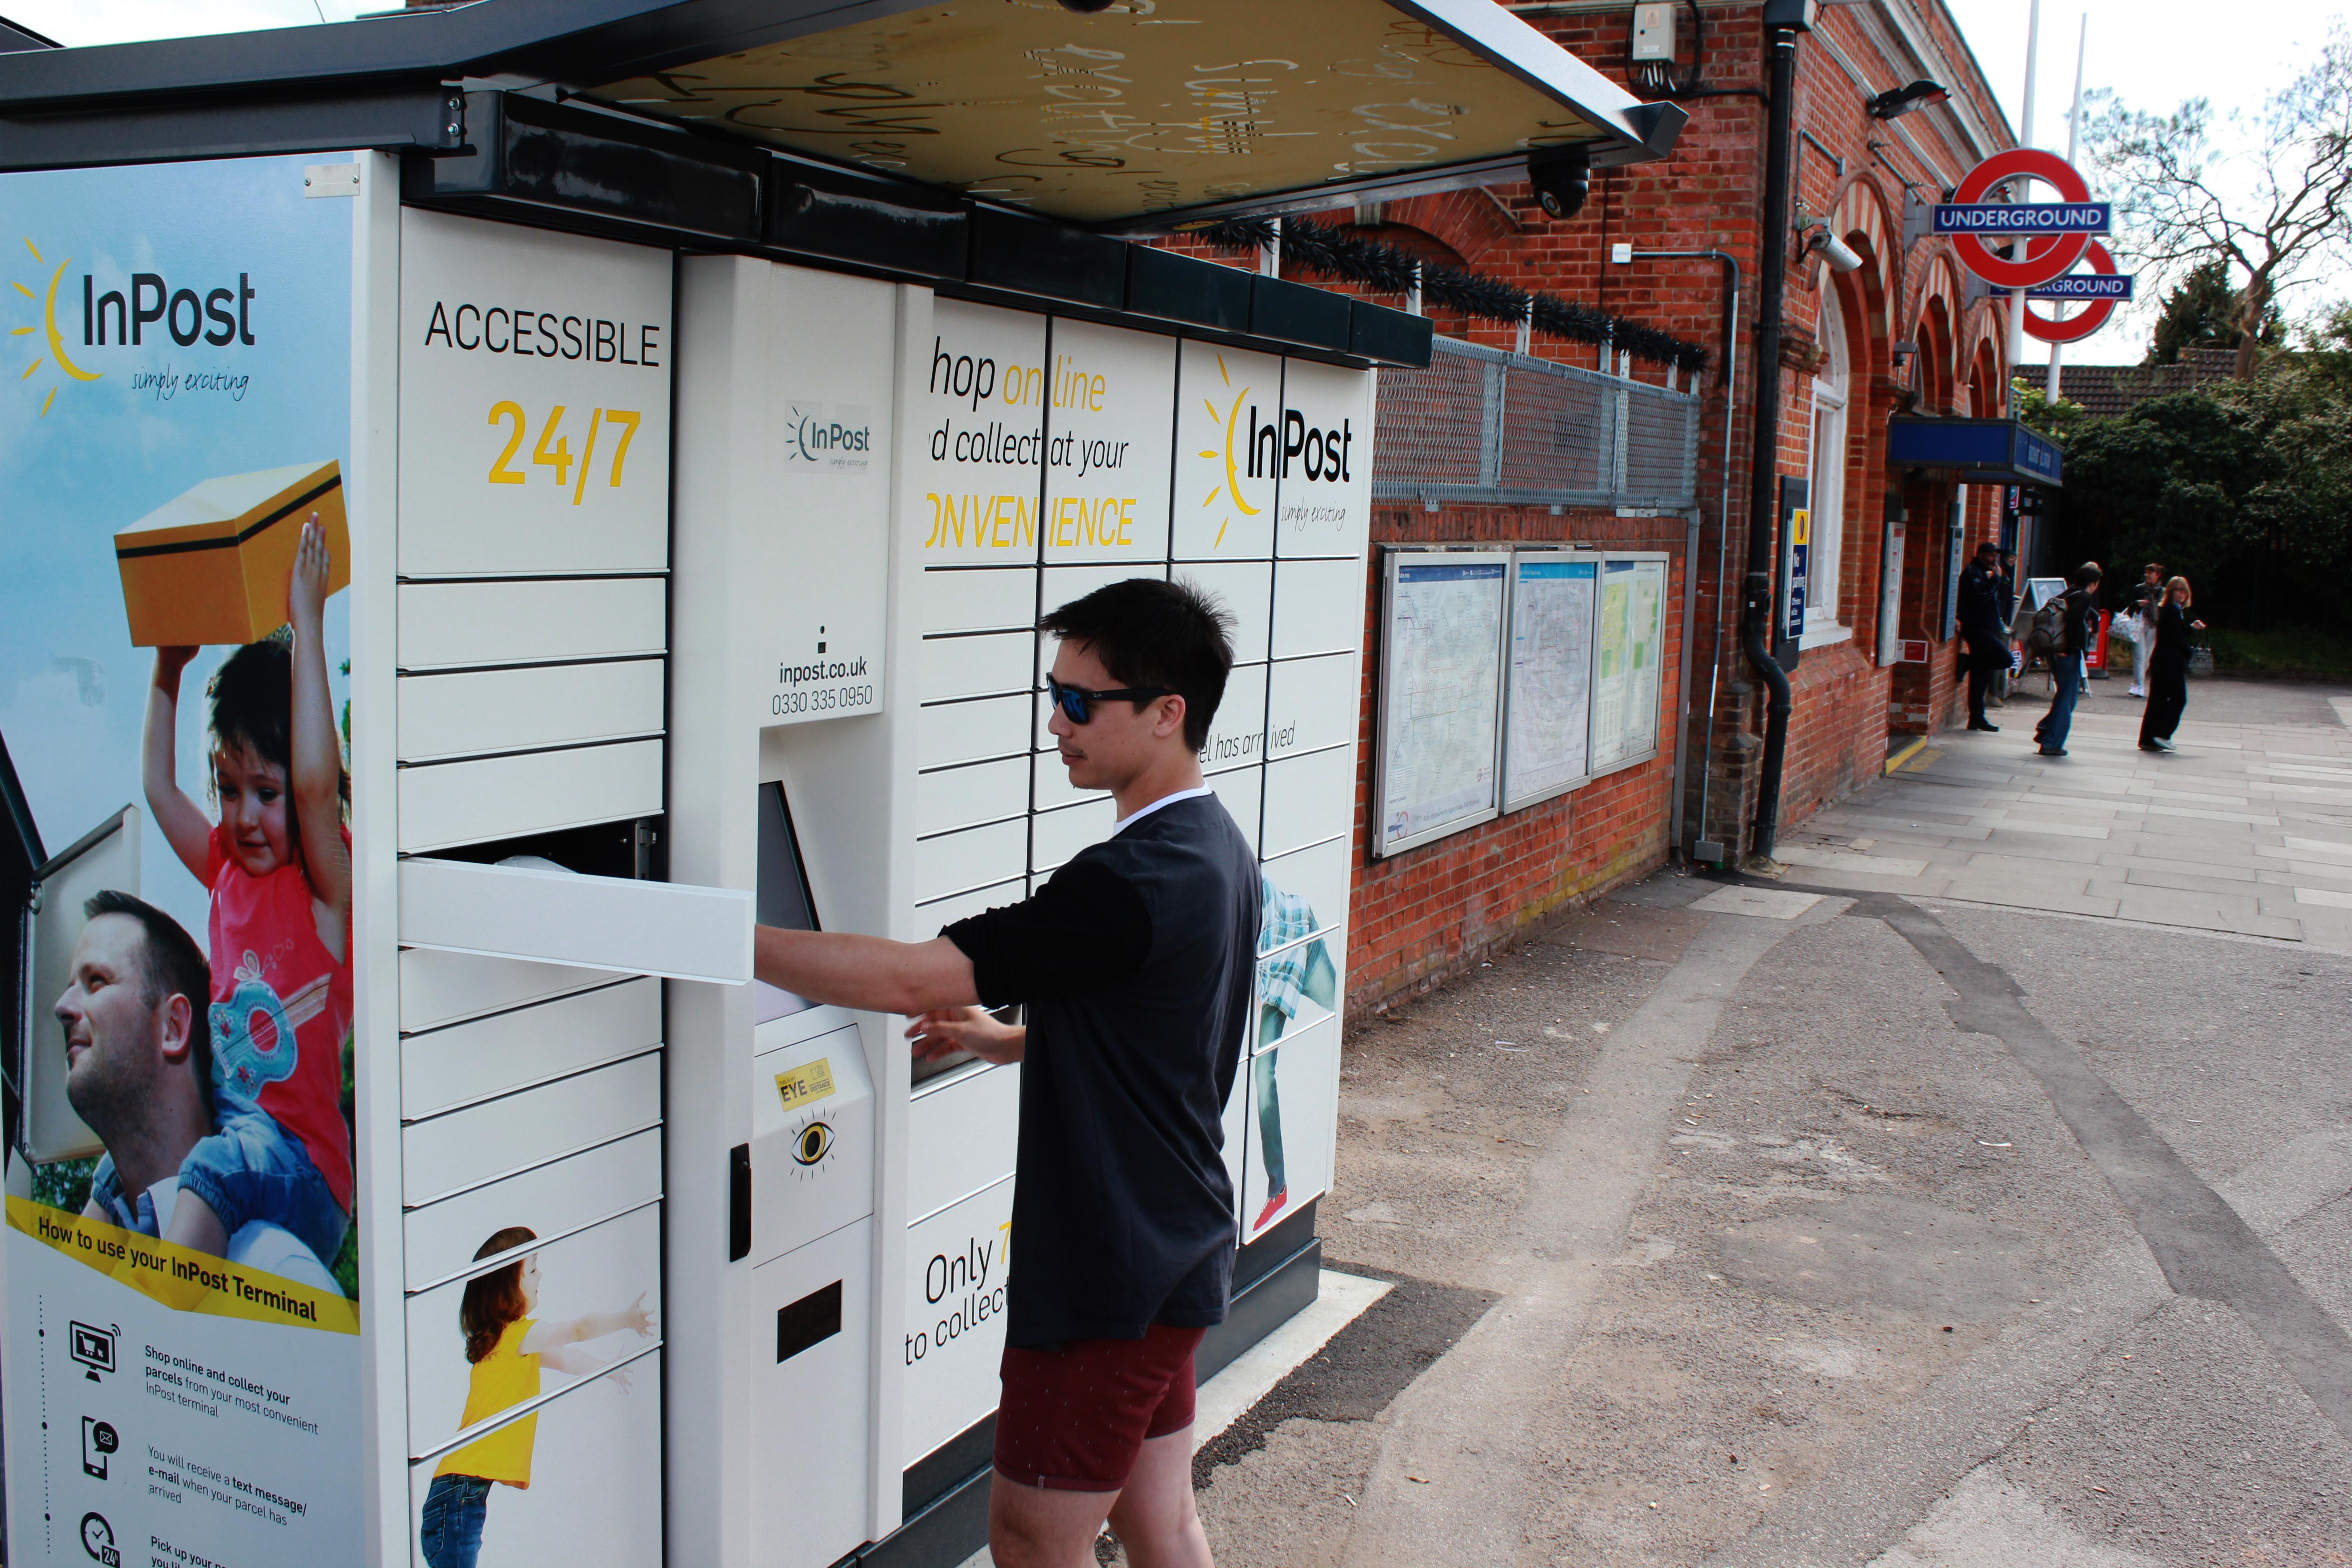 InPost installs first London Underground locker